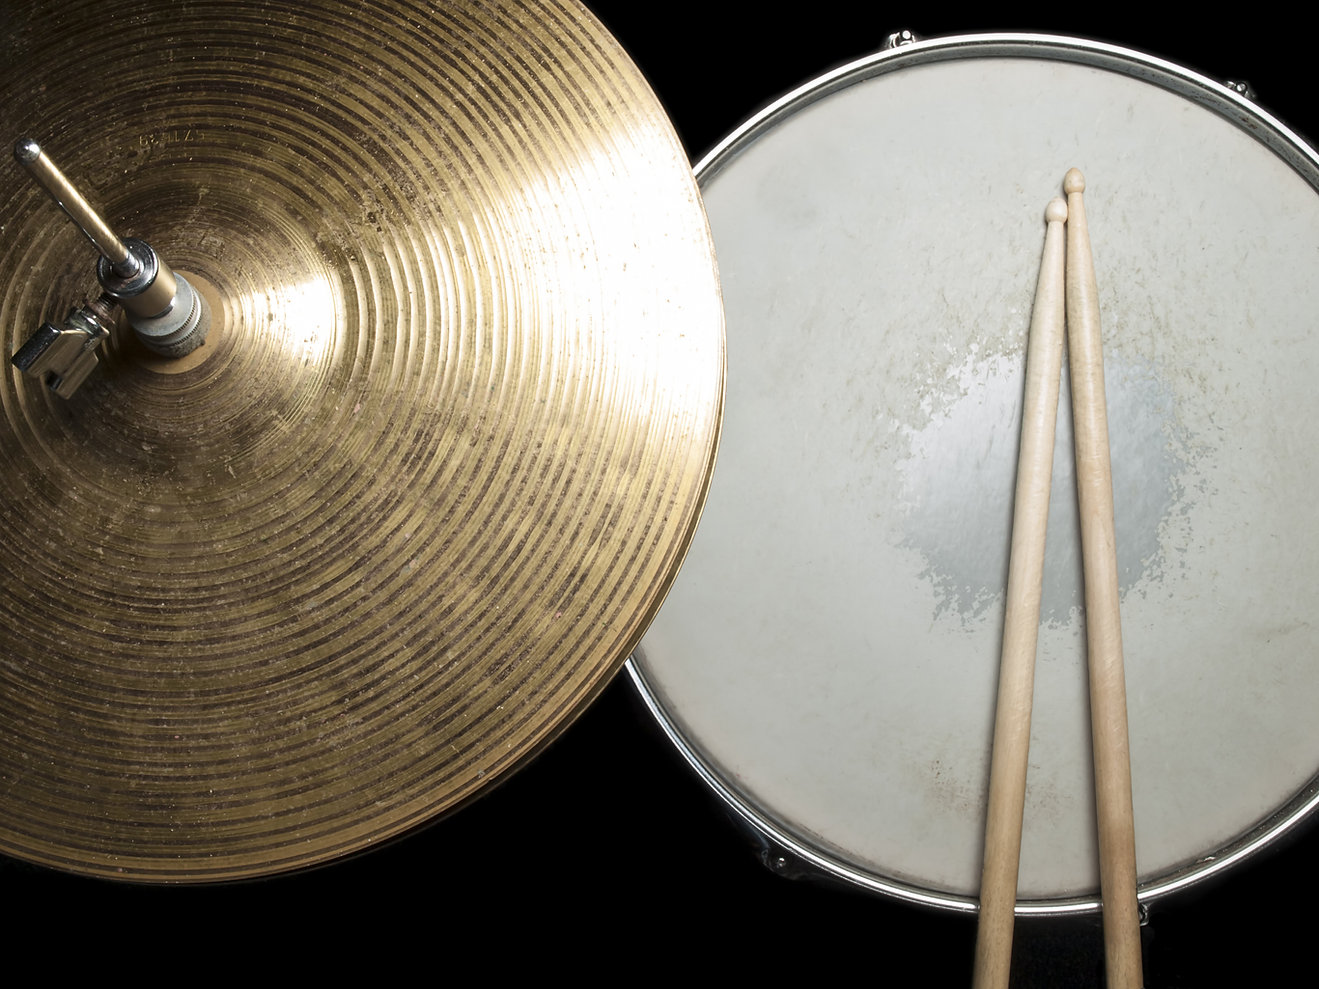 Onlne drum lessons, Video drum lessons, online drum classes